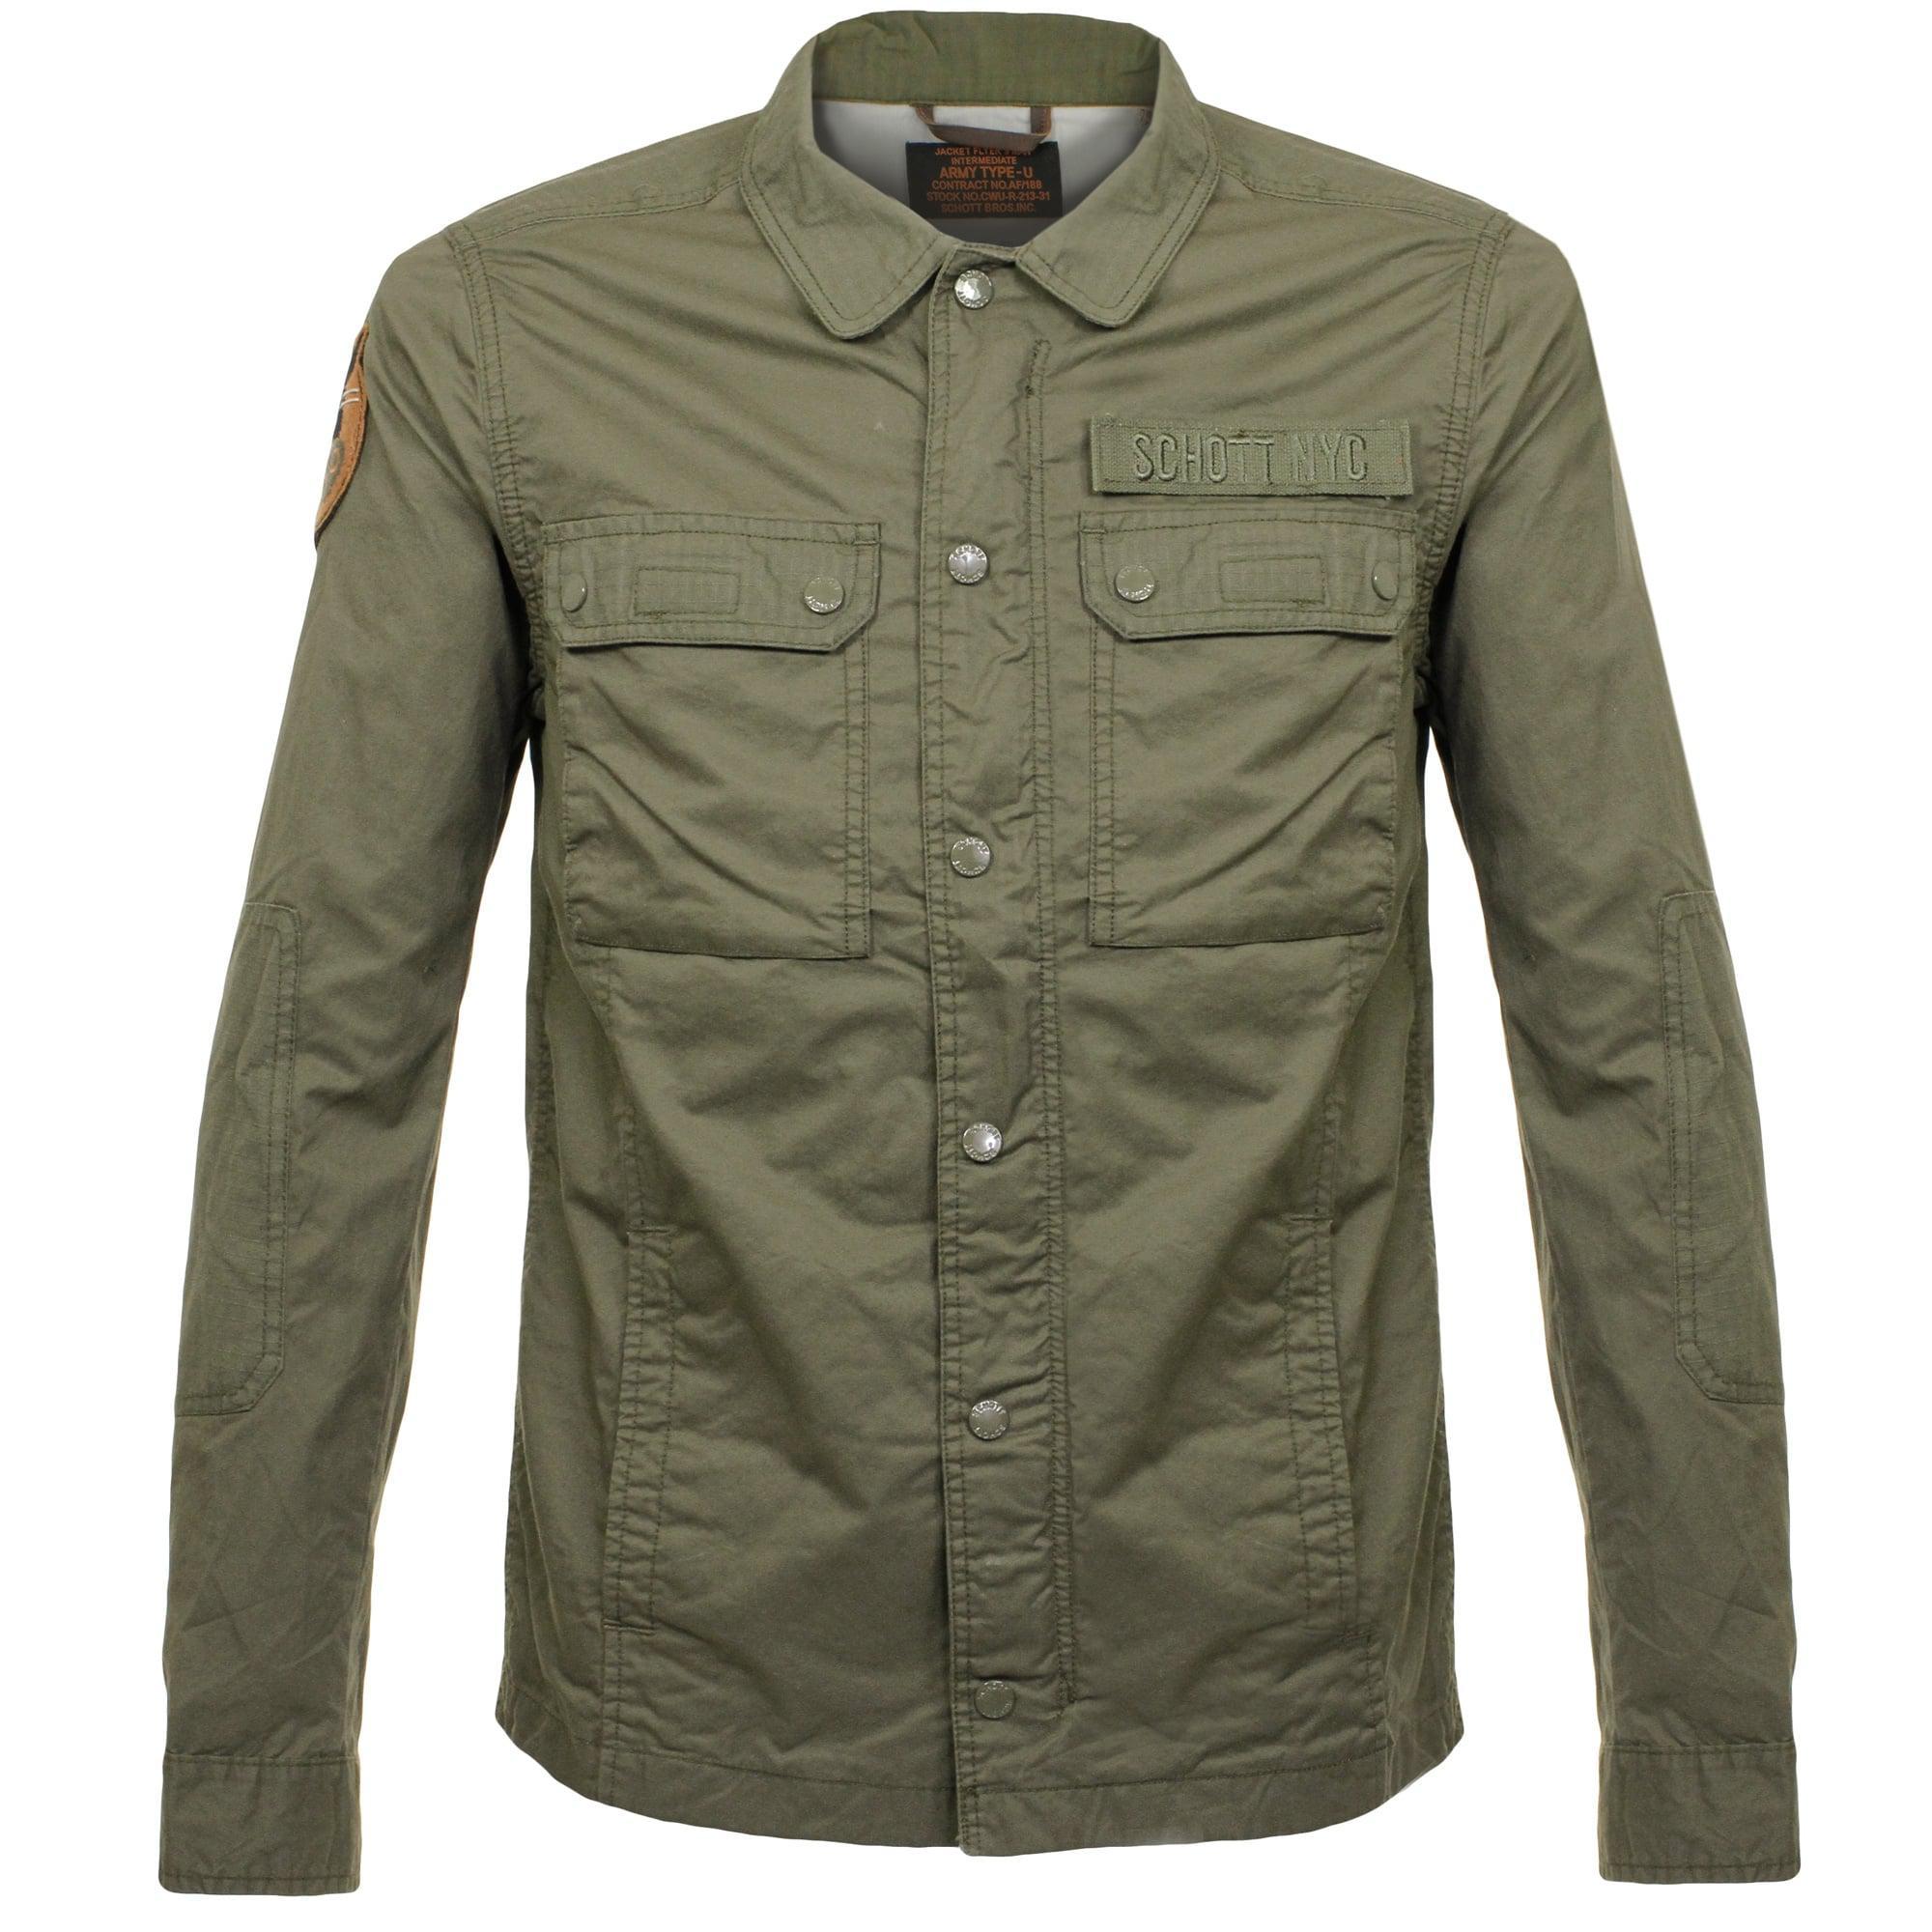 Dating of Schott jackets